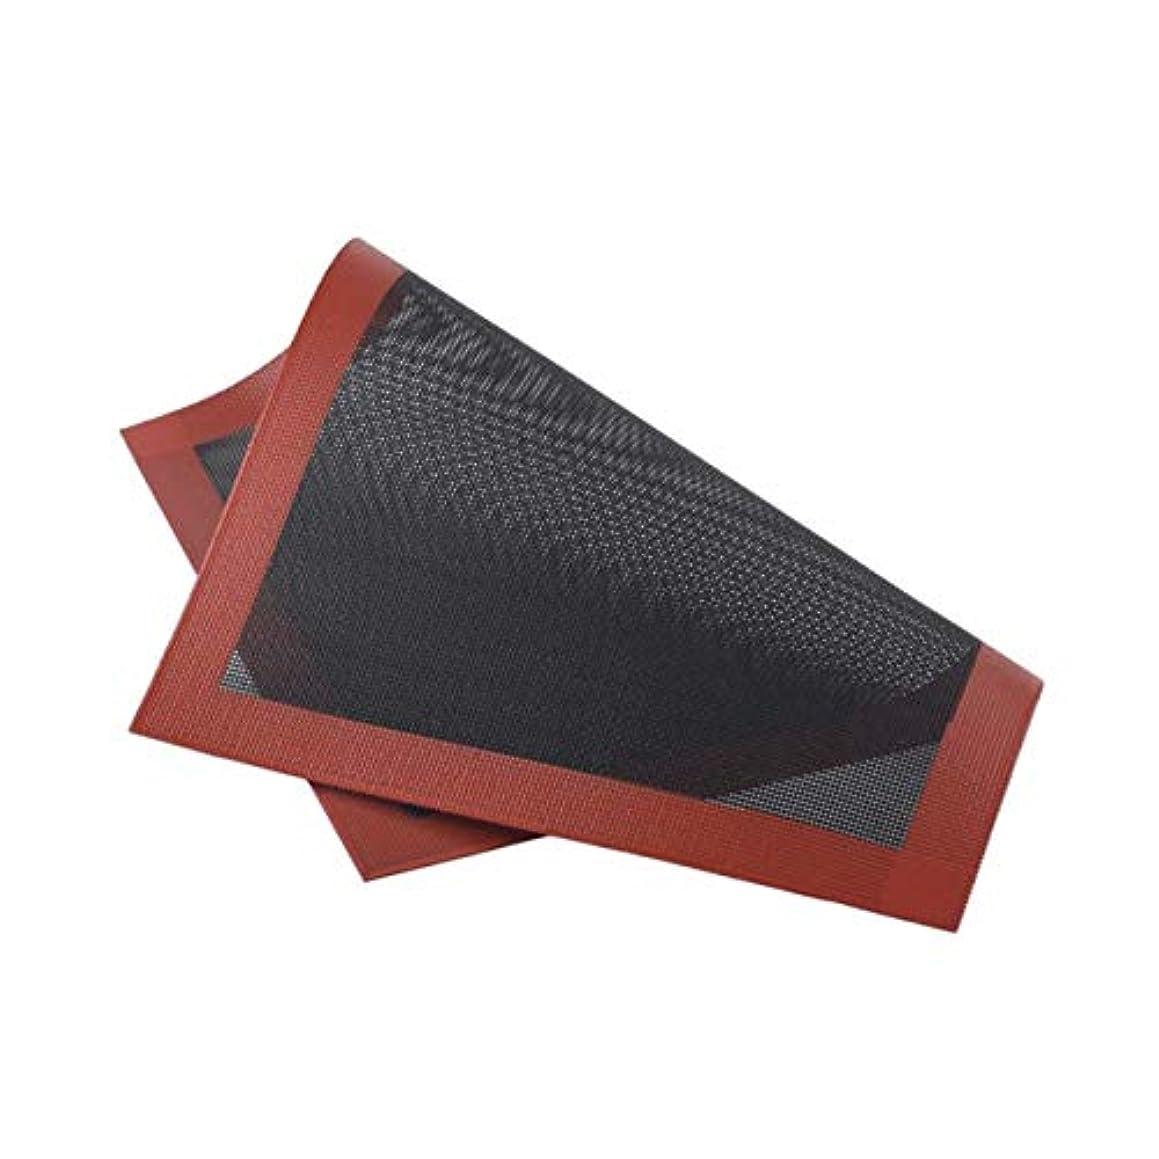 宣言俳優方法Saikogoods クッキーパンビスケットのための実用的なデザインホームキッチンベーキングツールのシリコンベーキングマットノンスティックベーキングオーブンシートライナー 黒と赤 直角